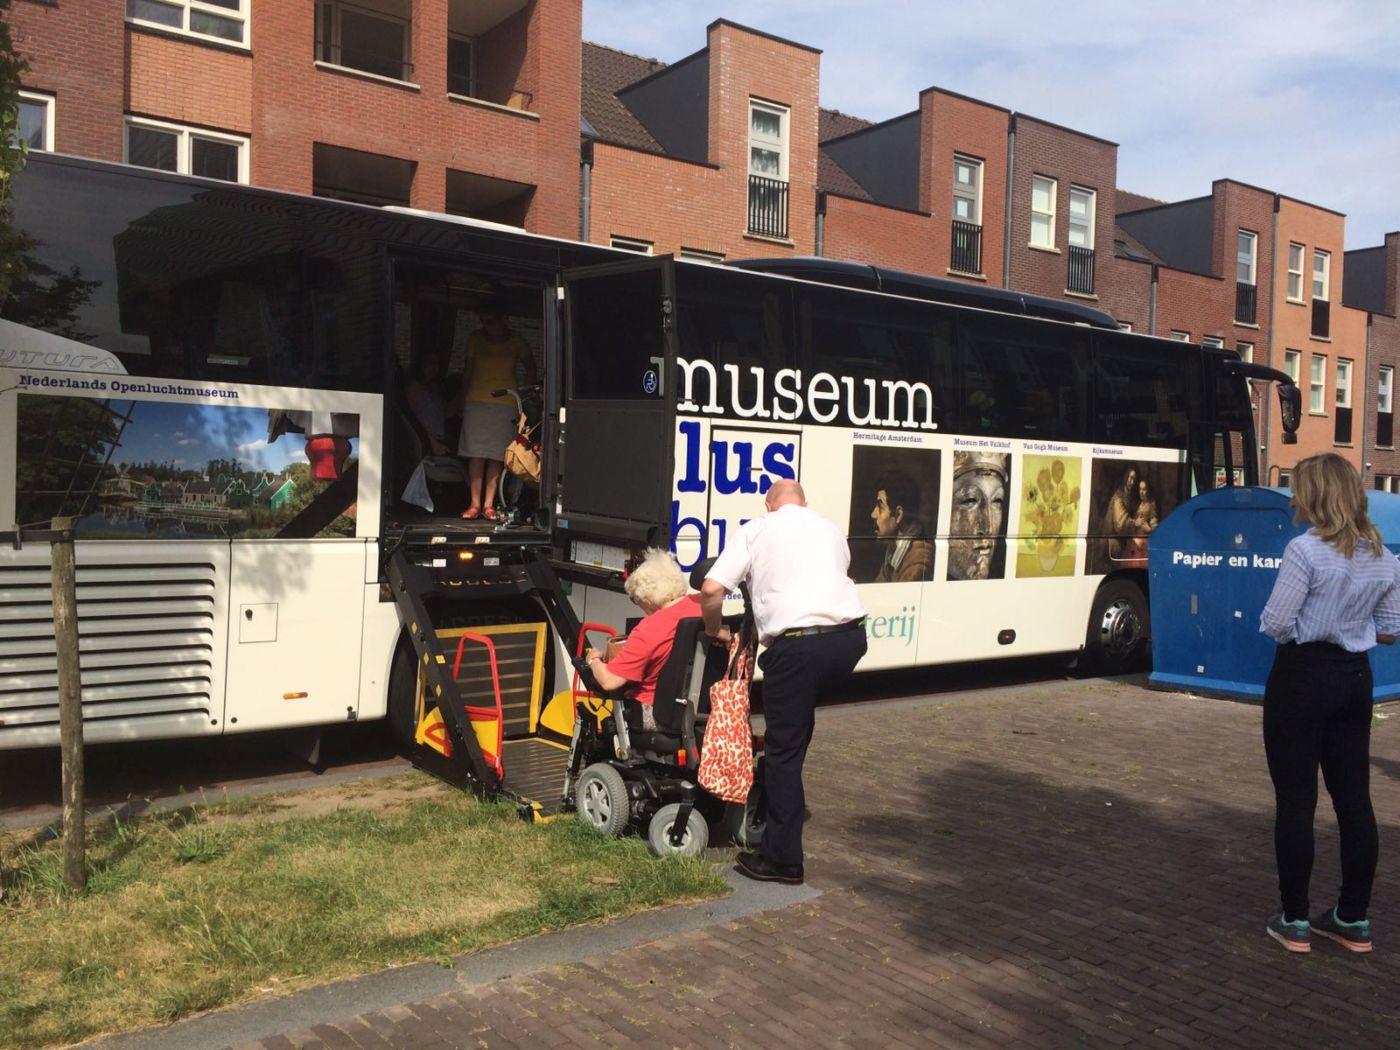 Met de museumplusbus op pad